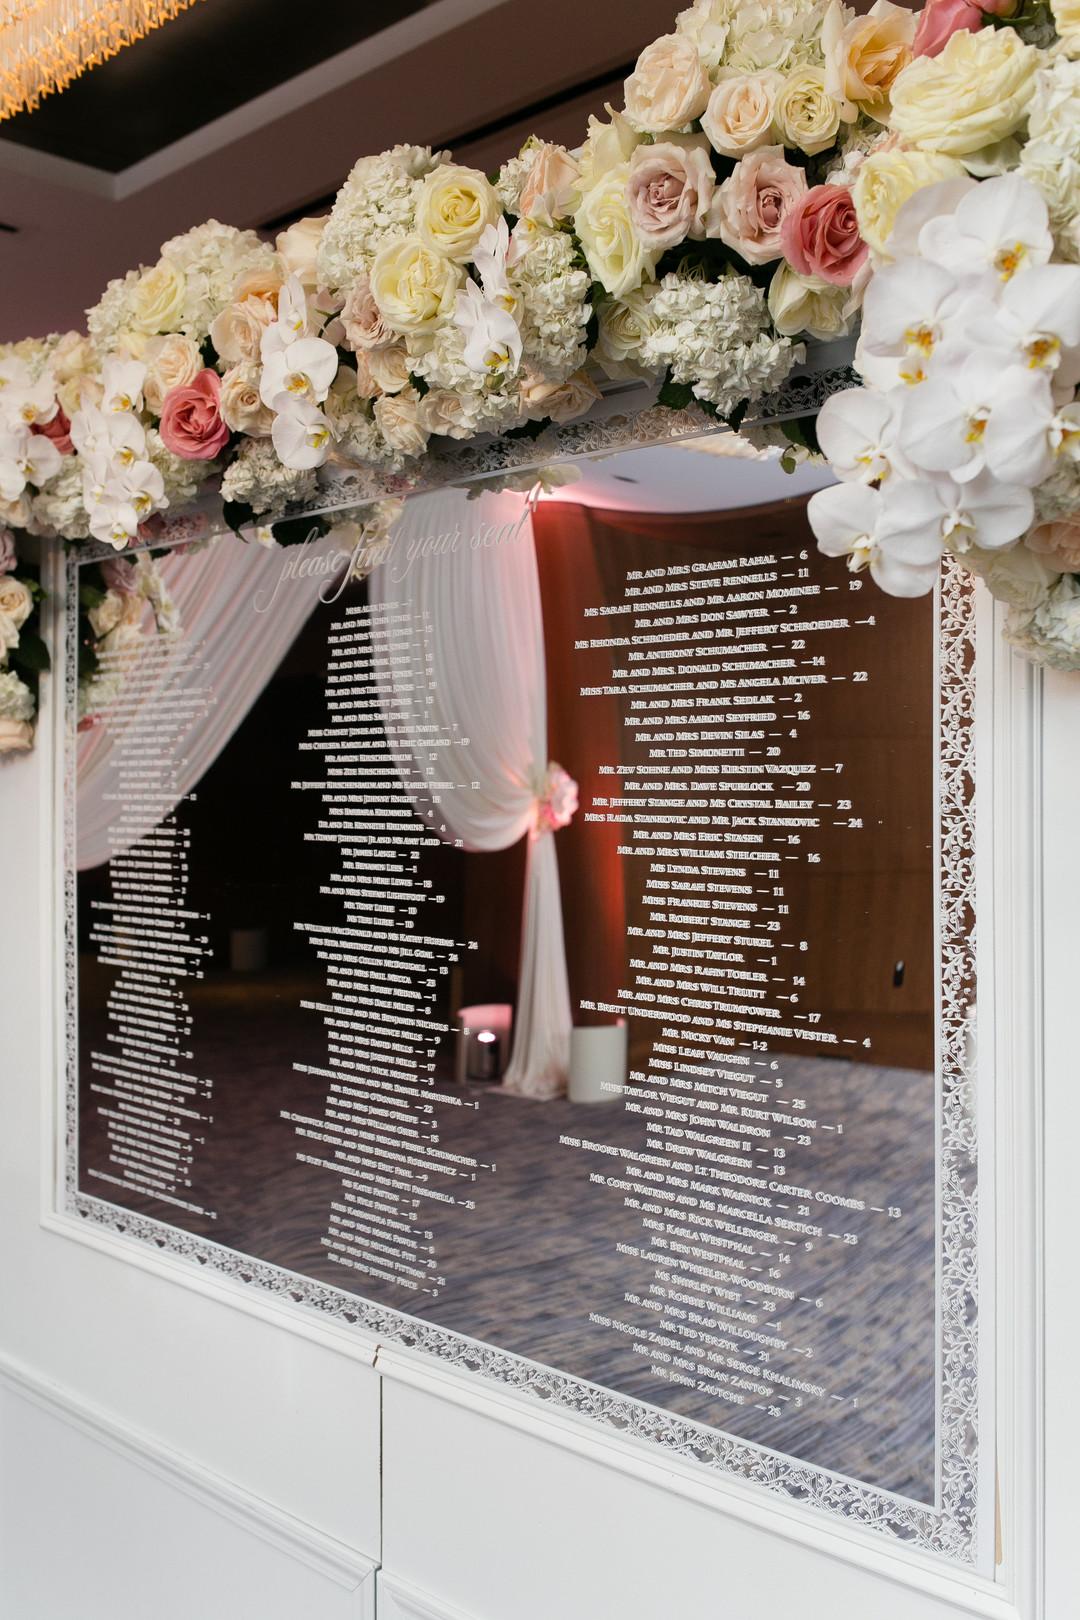 Alternative Seating Chart Sign Chicago Wedding Emilia Jane Photography